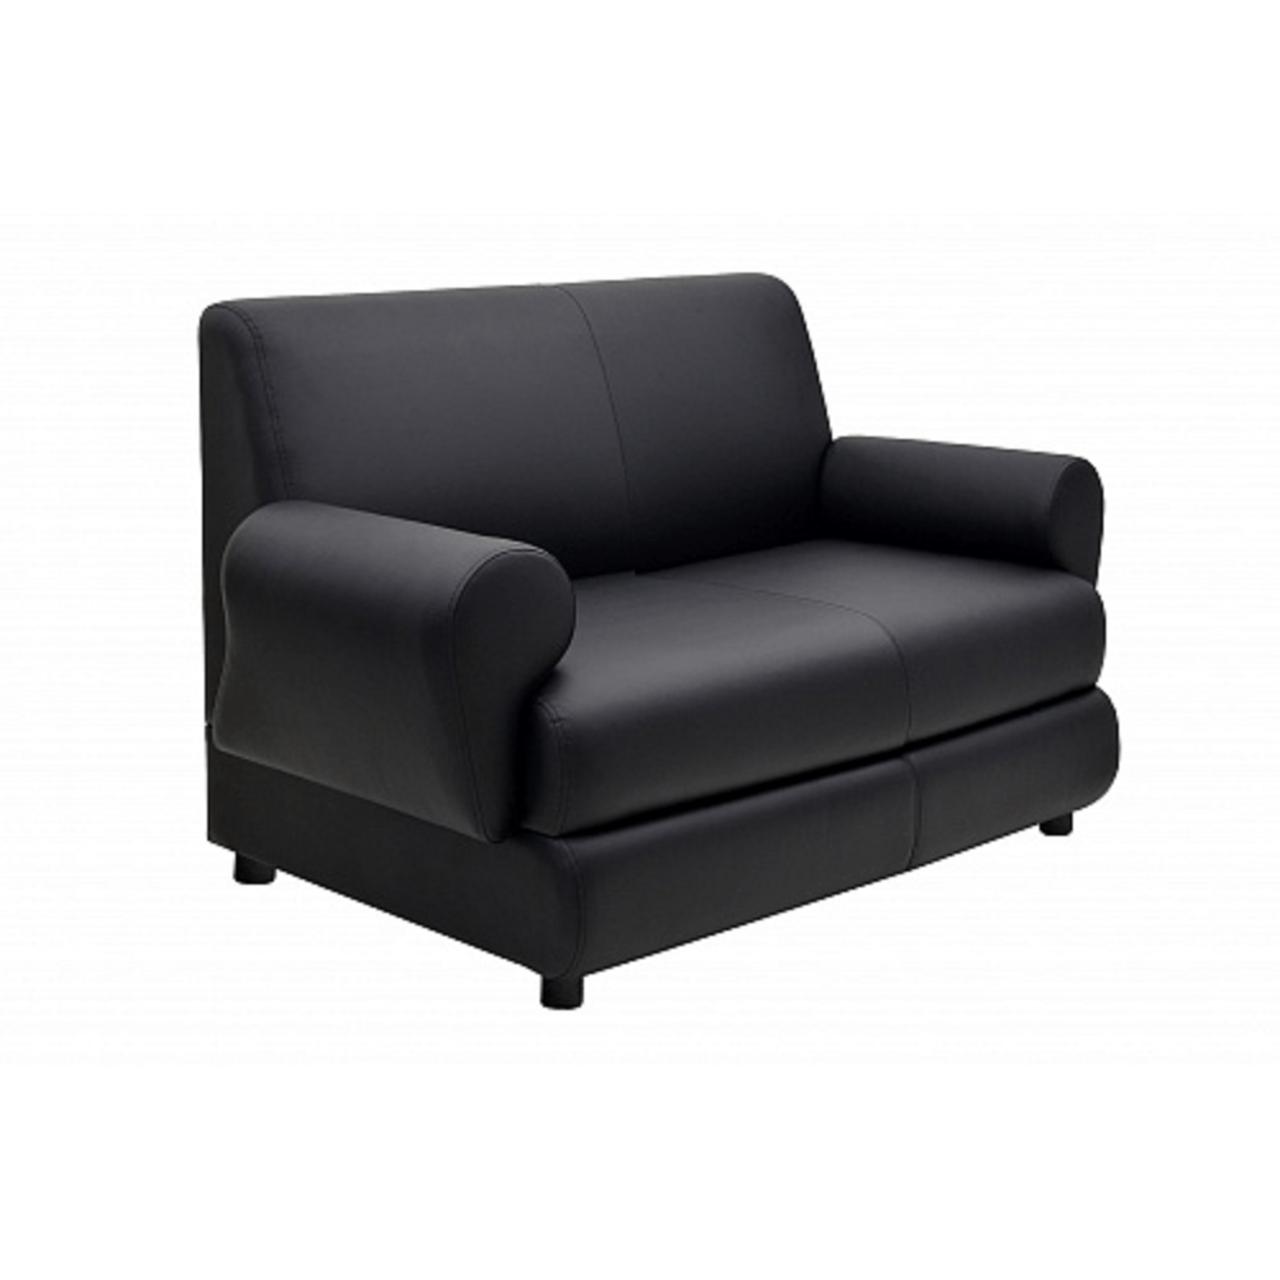 2-х местный диван с подлокотниками  M-04 Берн 143x82x85 - фото 1